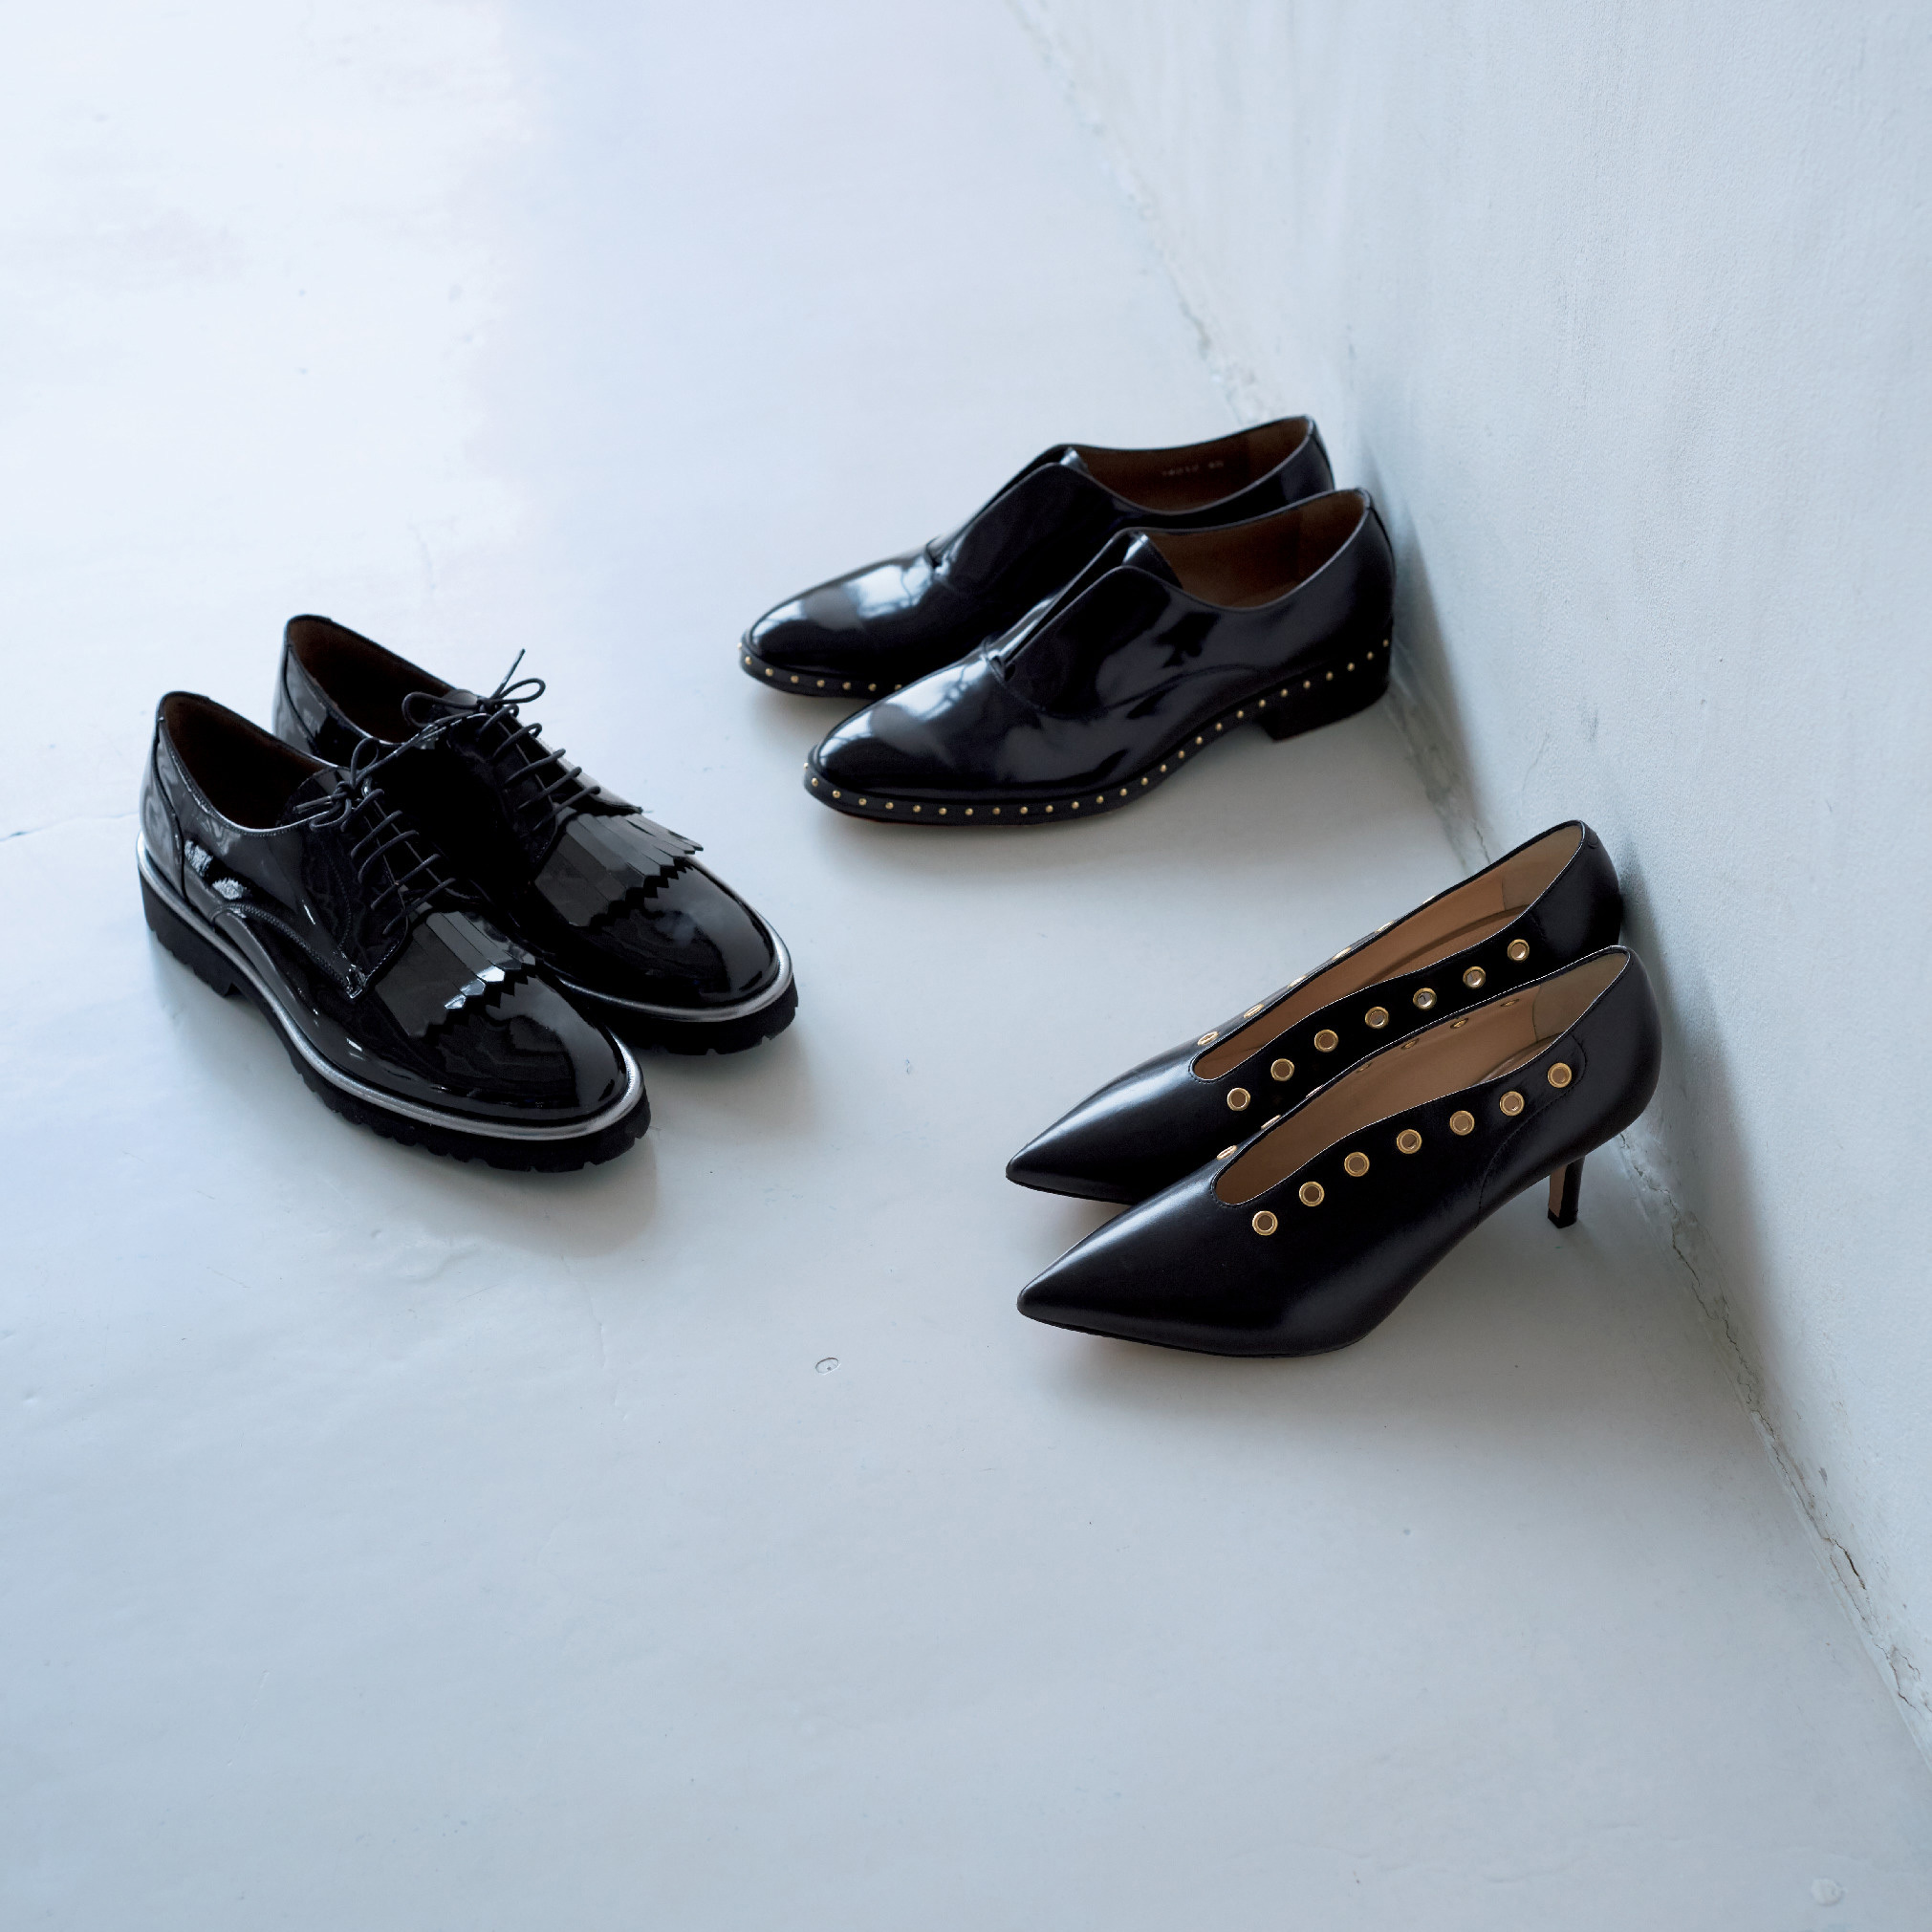 ペルティーニ&ペリーコのツヤ黒靴で足もとから旬をとり入れて_1_1